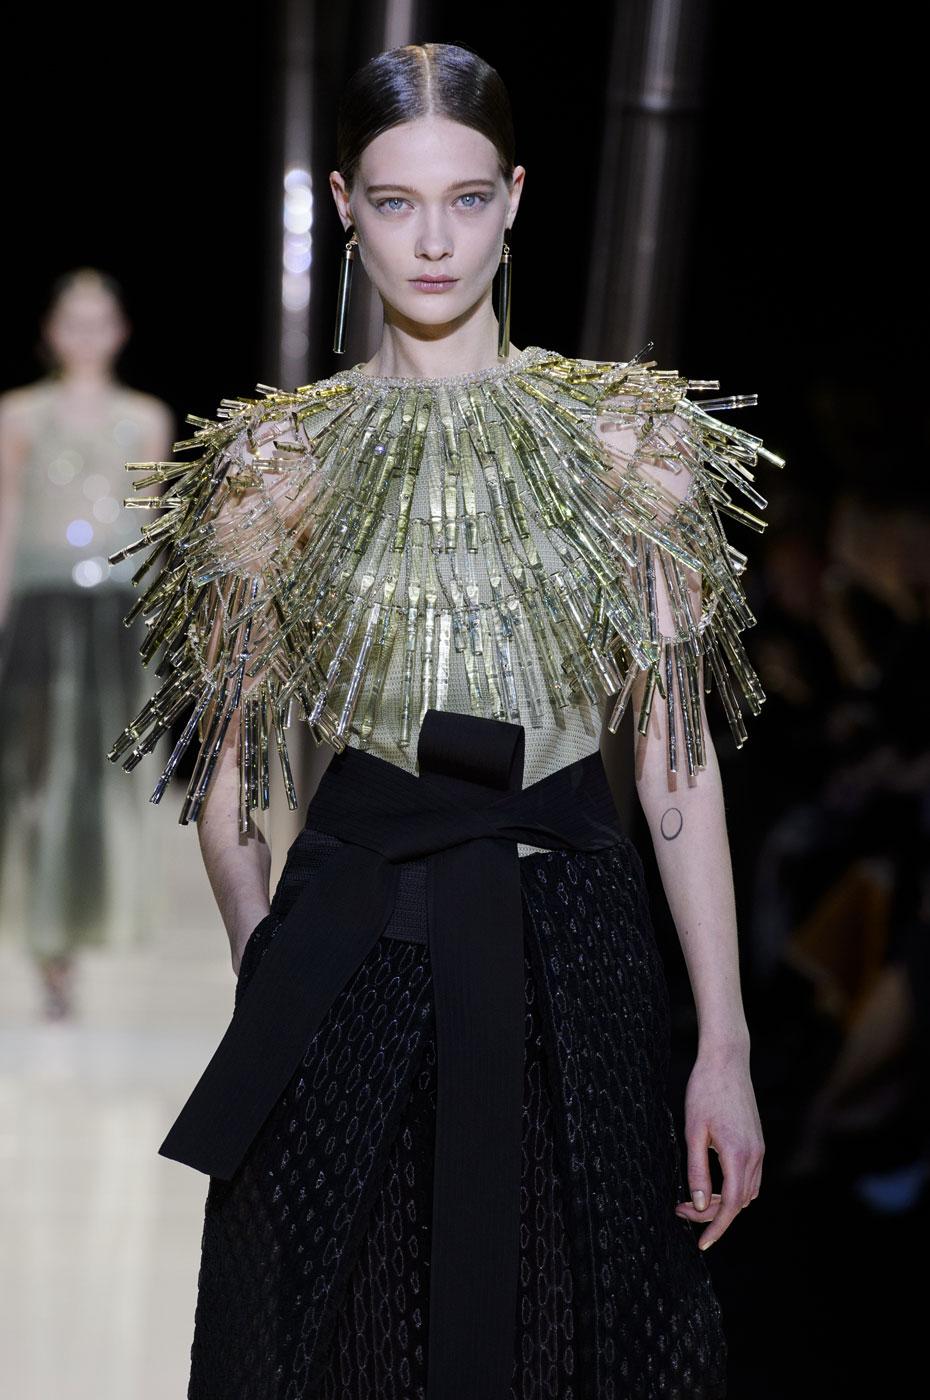 Giorgio-armani-Prive-fashion-runway-show-haute-couture-paris-spring-2015-the-impression-056